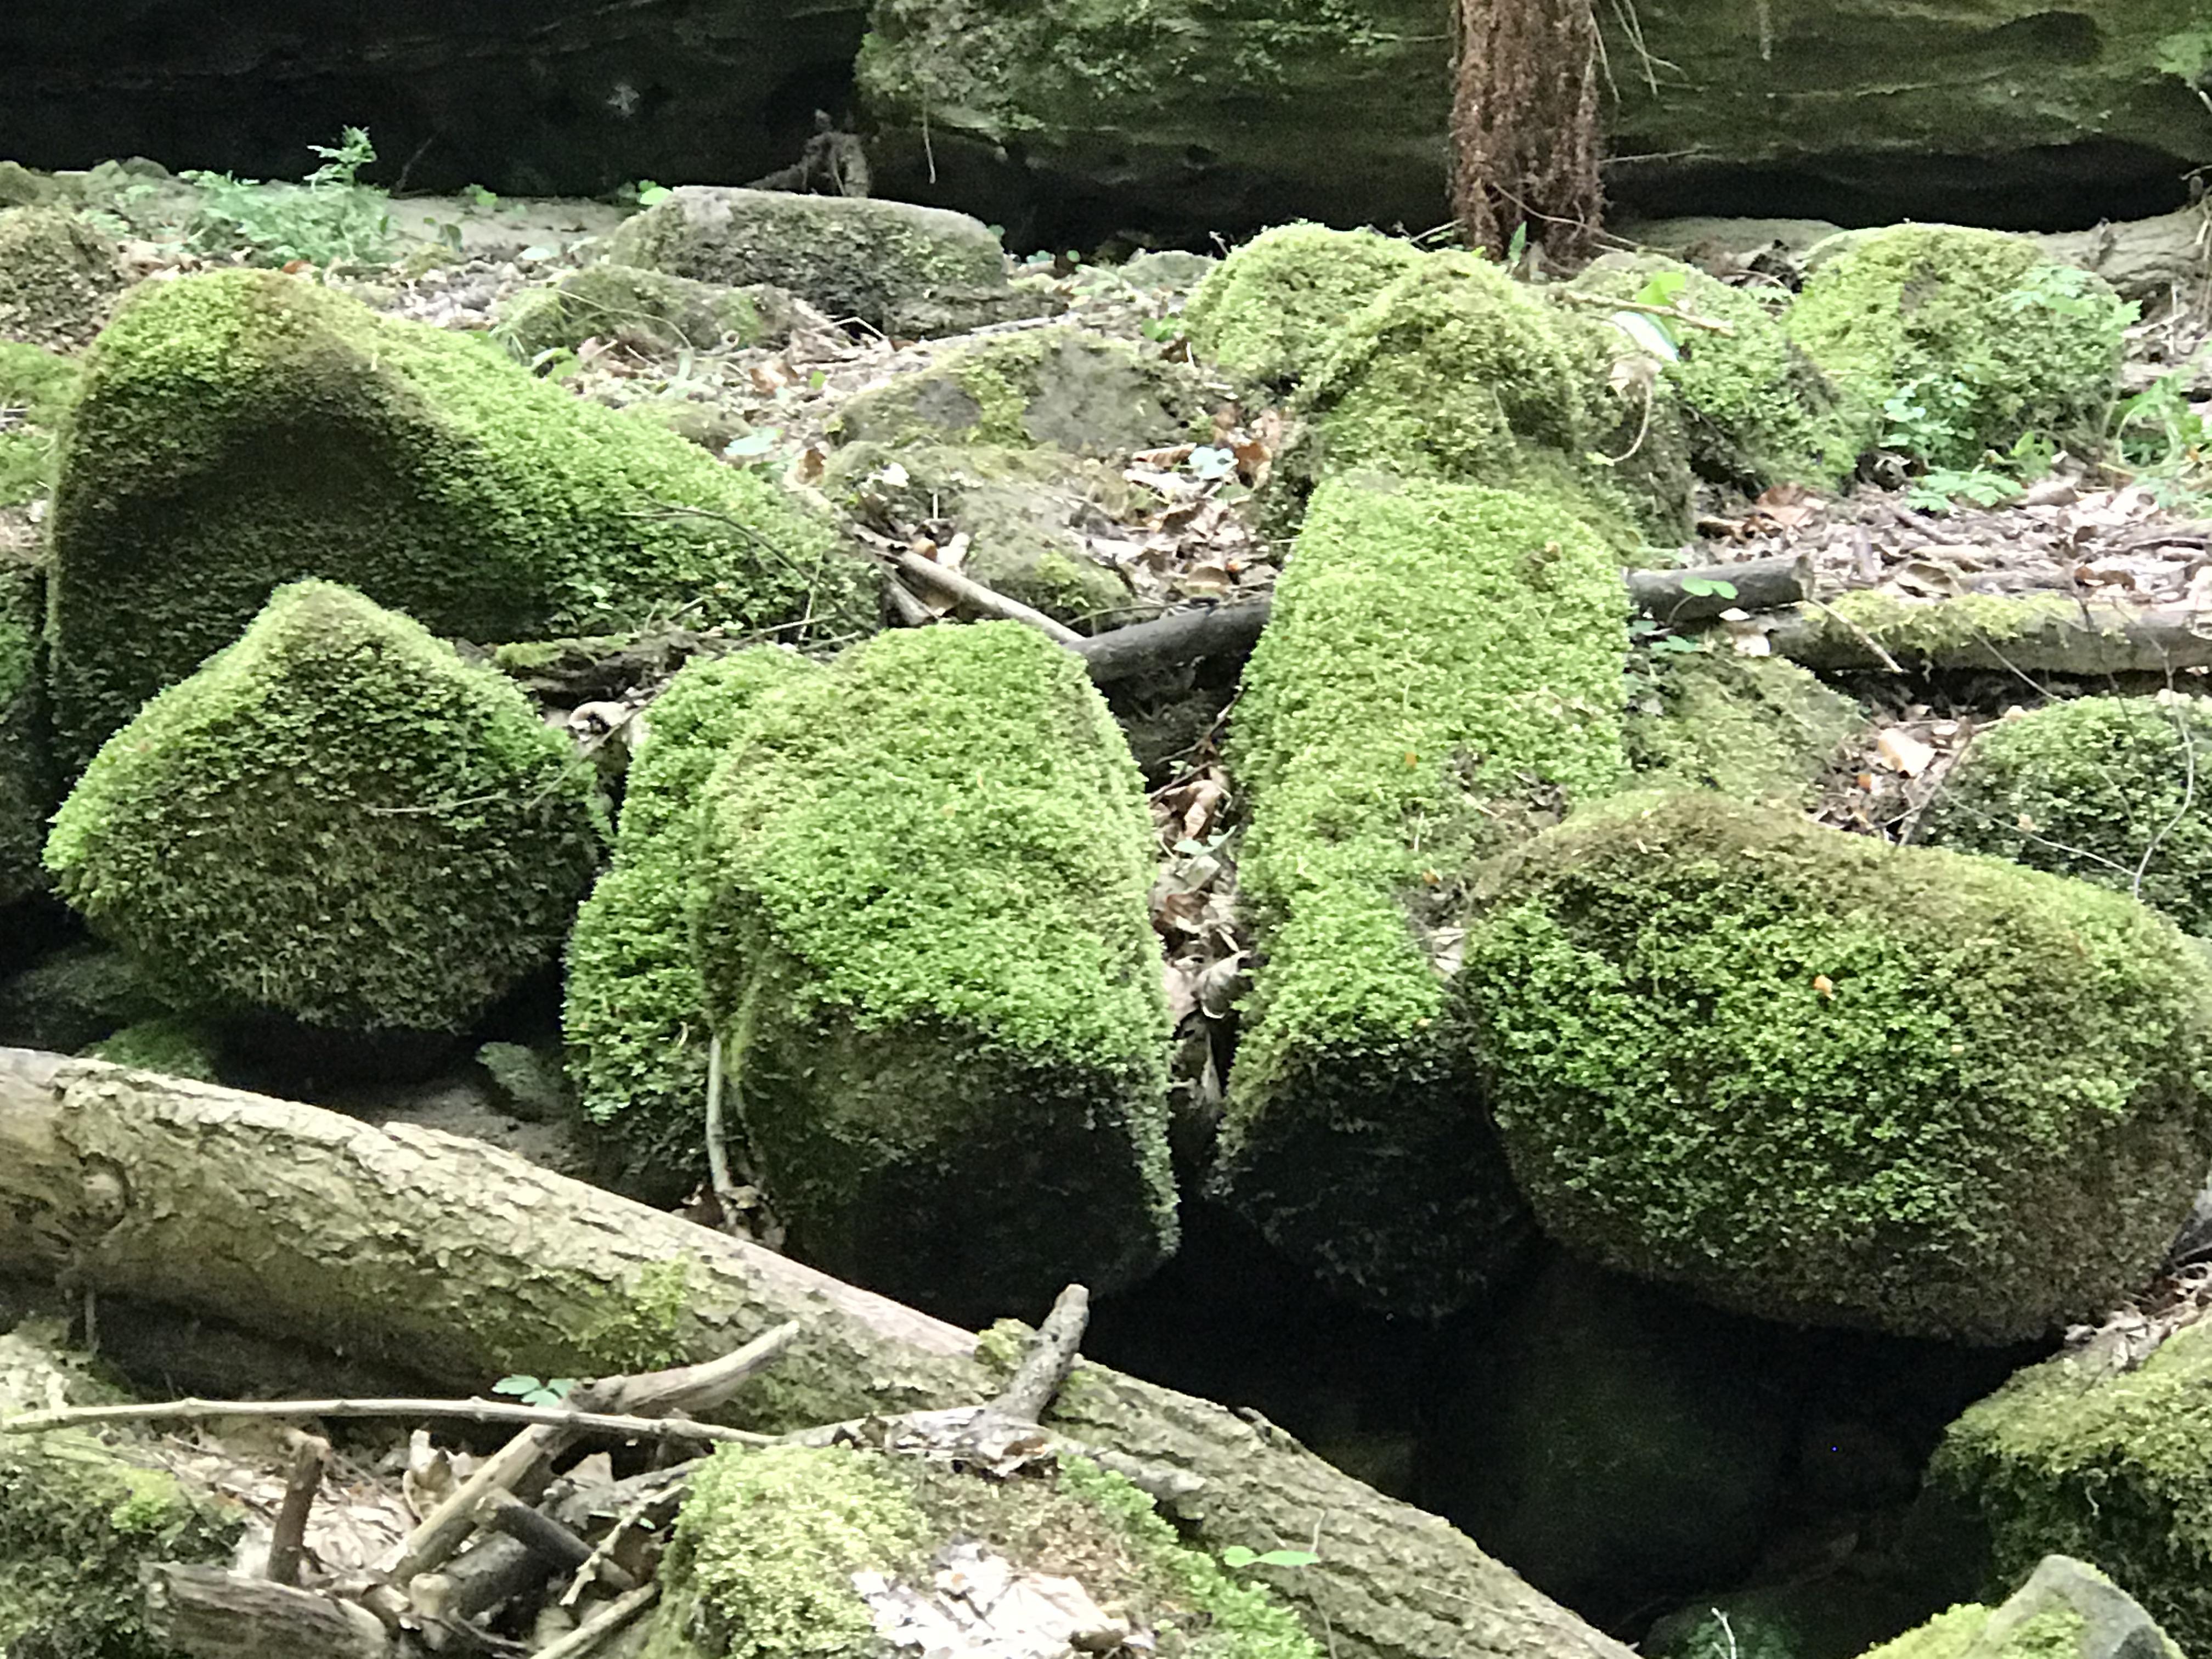 Moos auf Steine